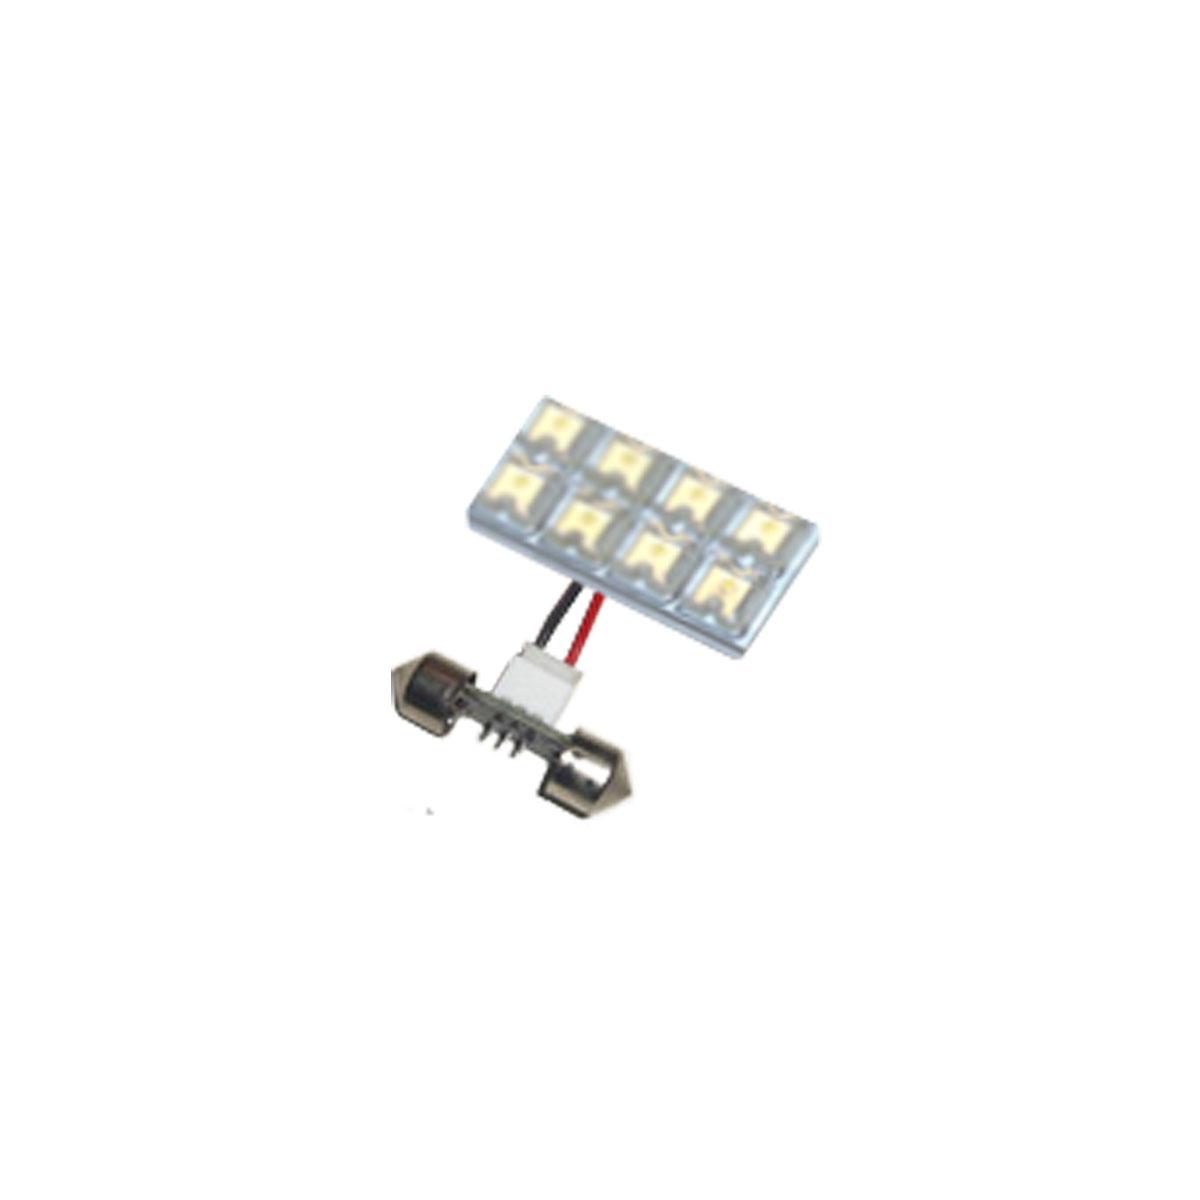 ライト・ランプ, ルームランプ BatberryStyleFlux LED L880K 8